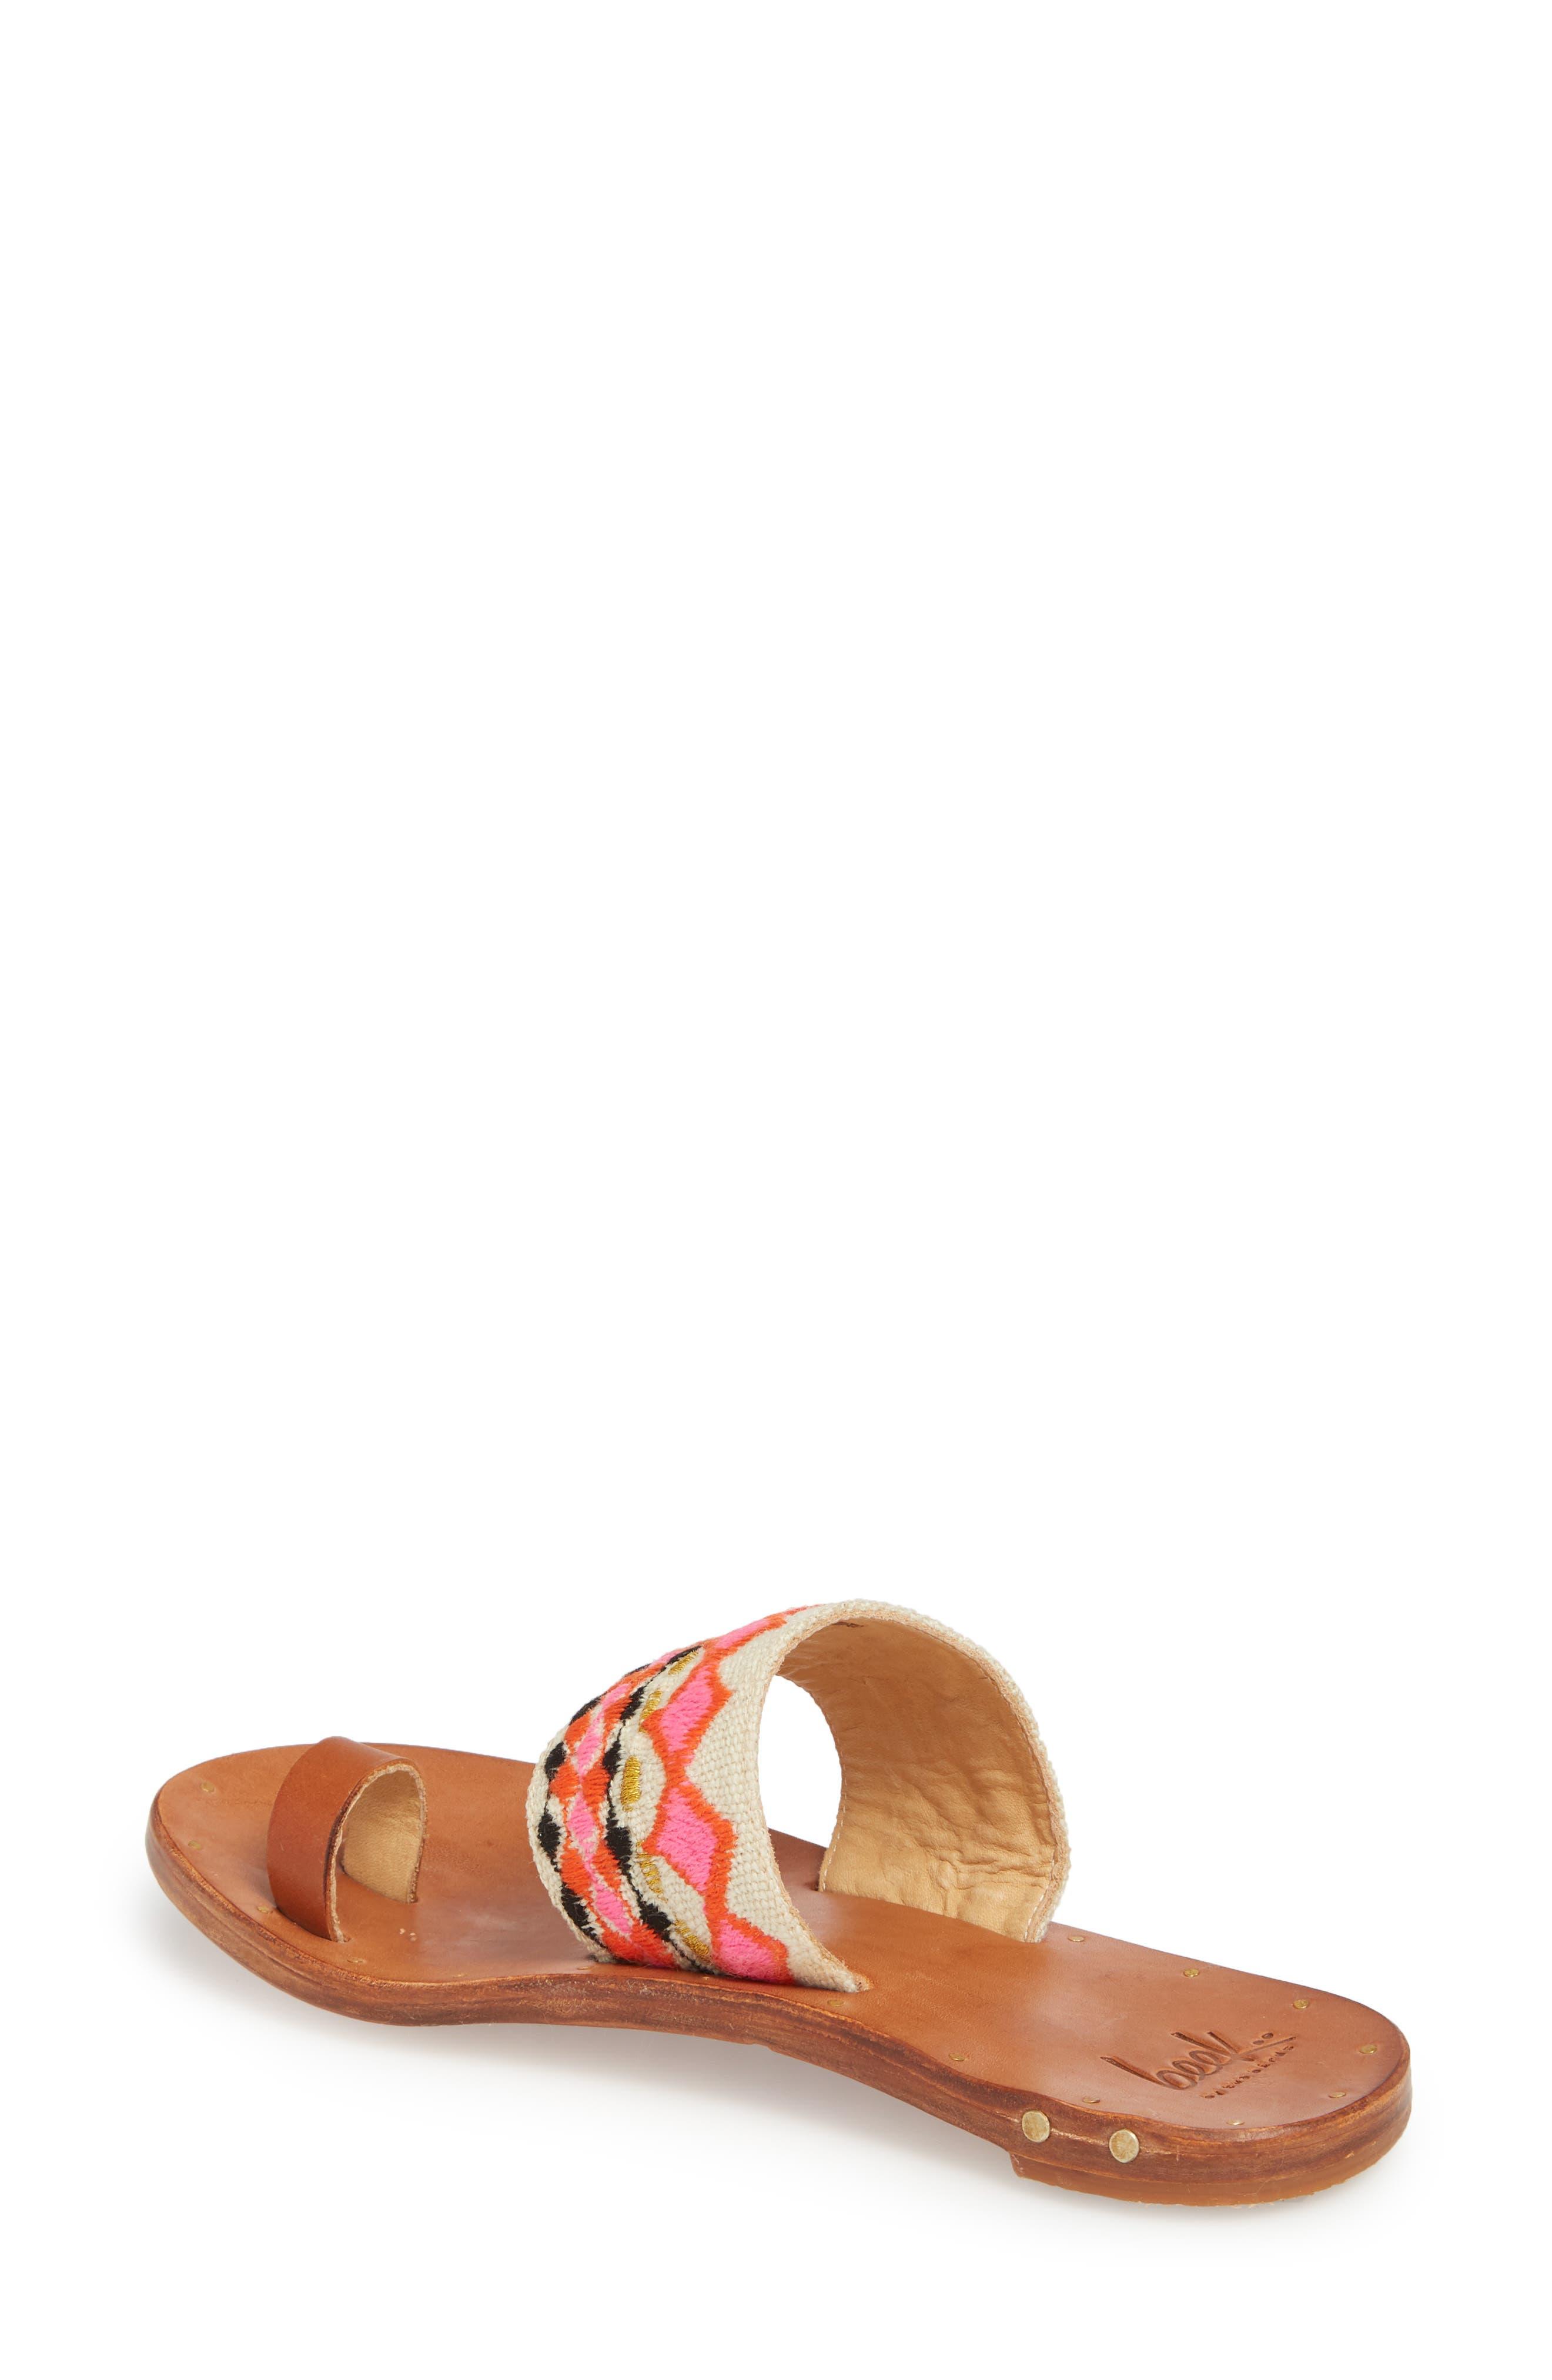 Dove Sandal,                             Alternate thumbnail 2, color,                             Fuschia Multi/ Tan